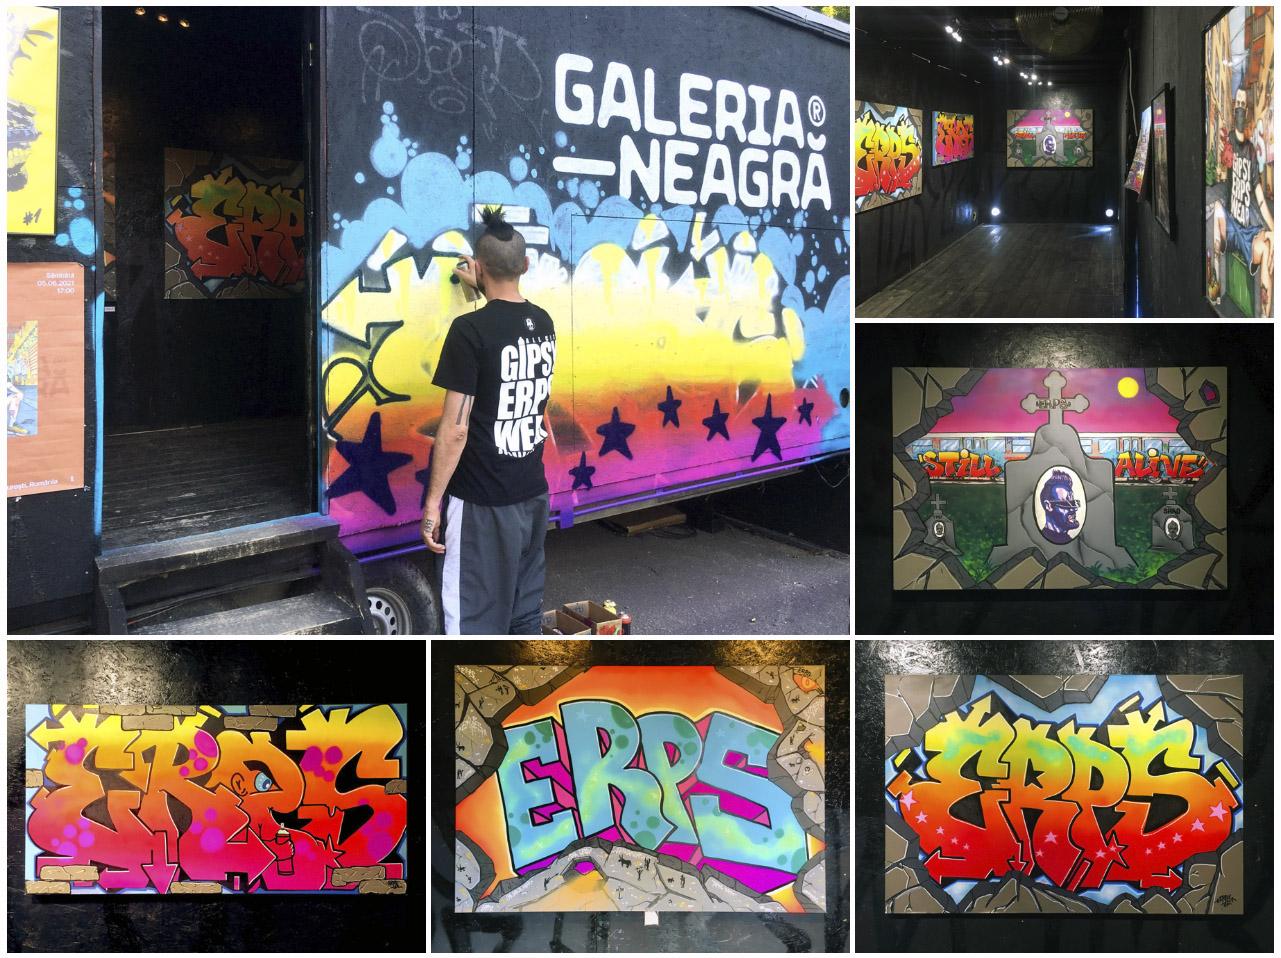 ERPS - Erpstamentul graffiti exhibition @ Galeria Neagră